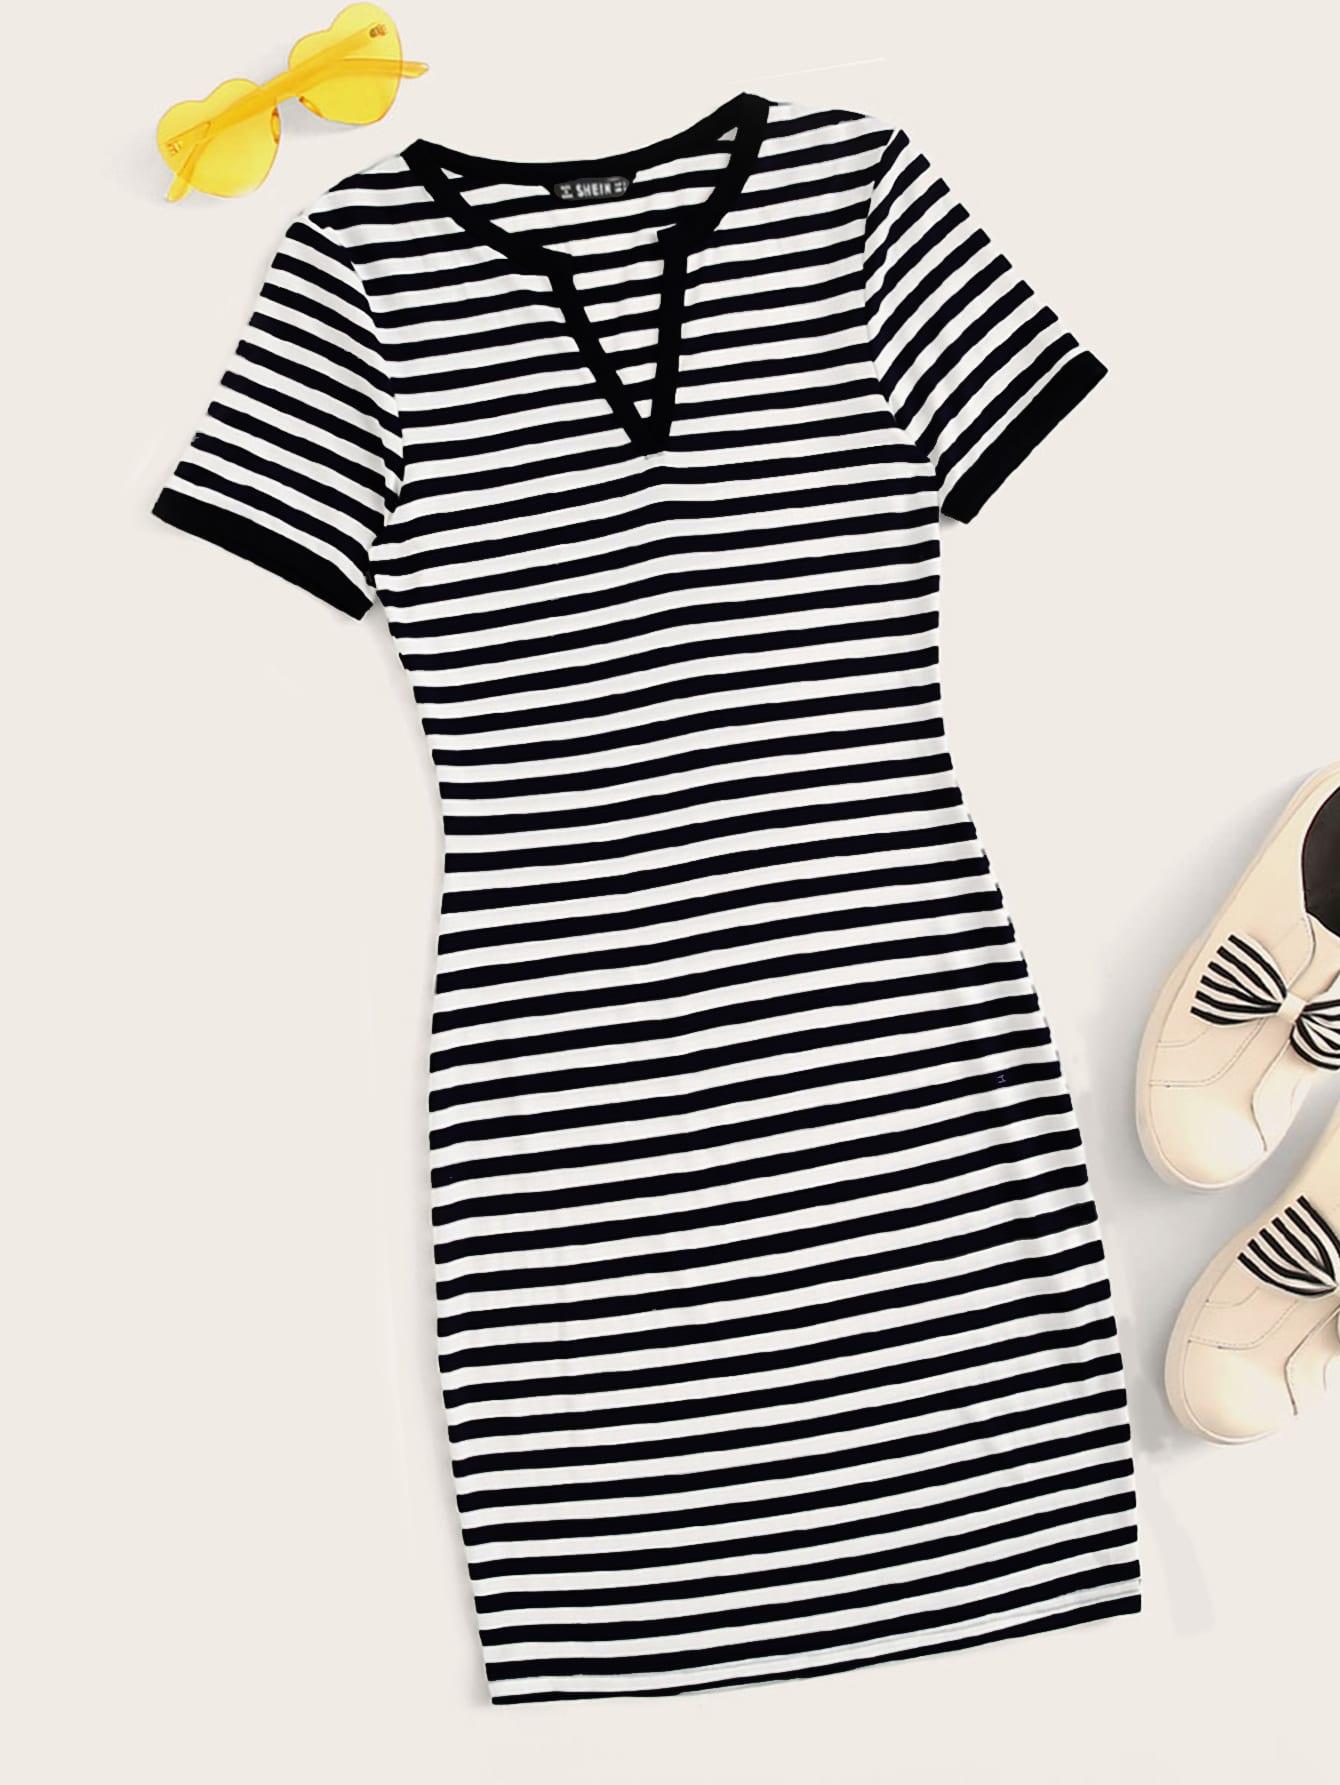 Фото - Полосатое платье с разрезом на воротнике от SheIn цвет чёрнобелые